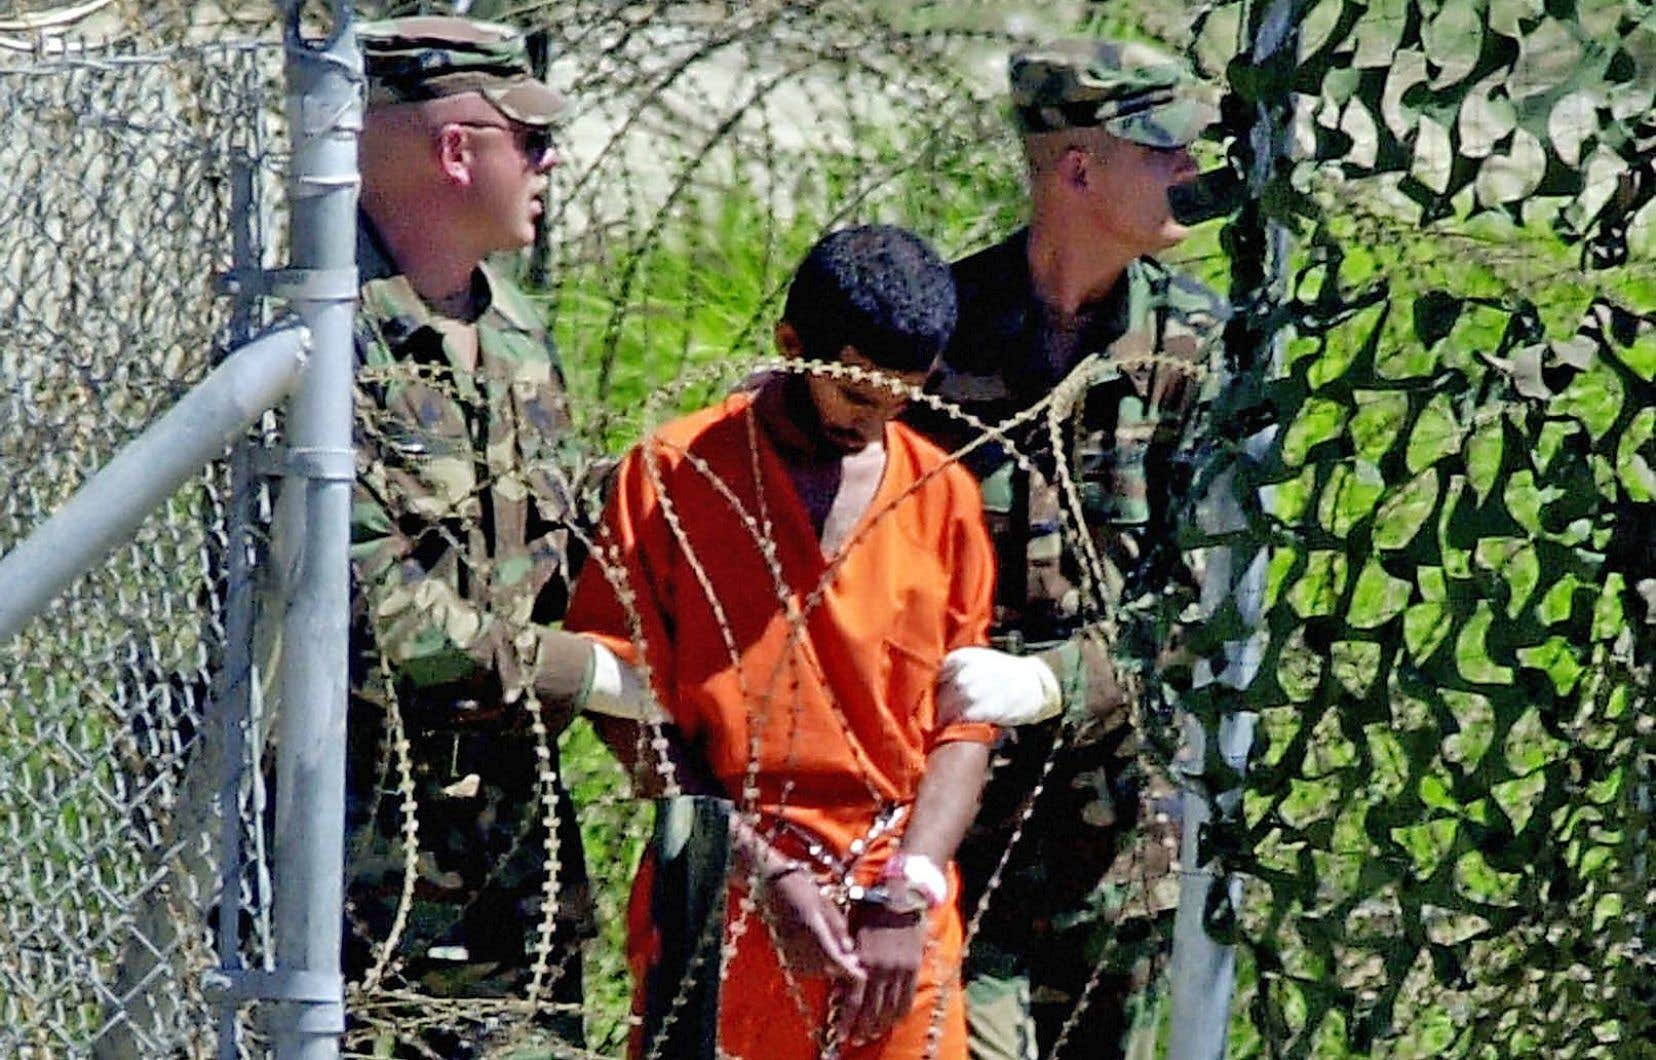 Un rapport sénatorial condamne sévèrement les «techniques d'interrogatoire renforcées» employées par la CIA après le 11-Septembre, tant sur les plans juridique et moral que du point de vue de leur efficacité. Ci-dessus, un détenu escorté par des soldats à Guantánamo en 2002.<br />